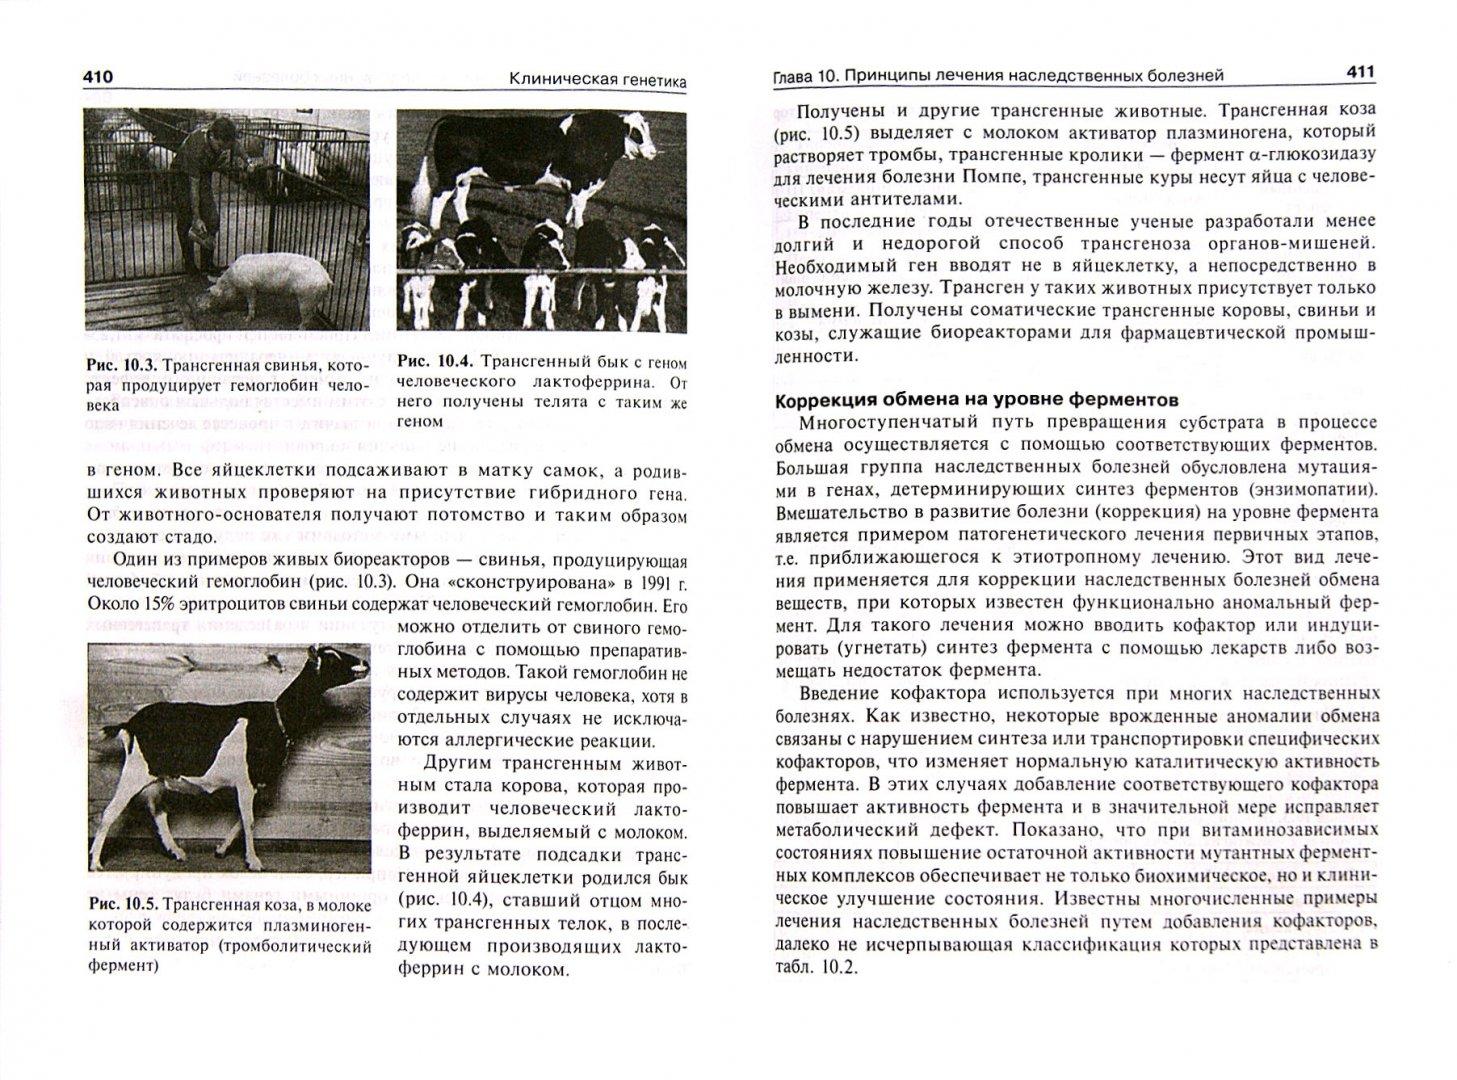 Иллюстрация 1 из 7 для Клиническая генетика. Учебник (+CD) - Бочков, Пузырев, Смирнихина | Лабиринт - книги. Источник: Лабиринт